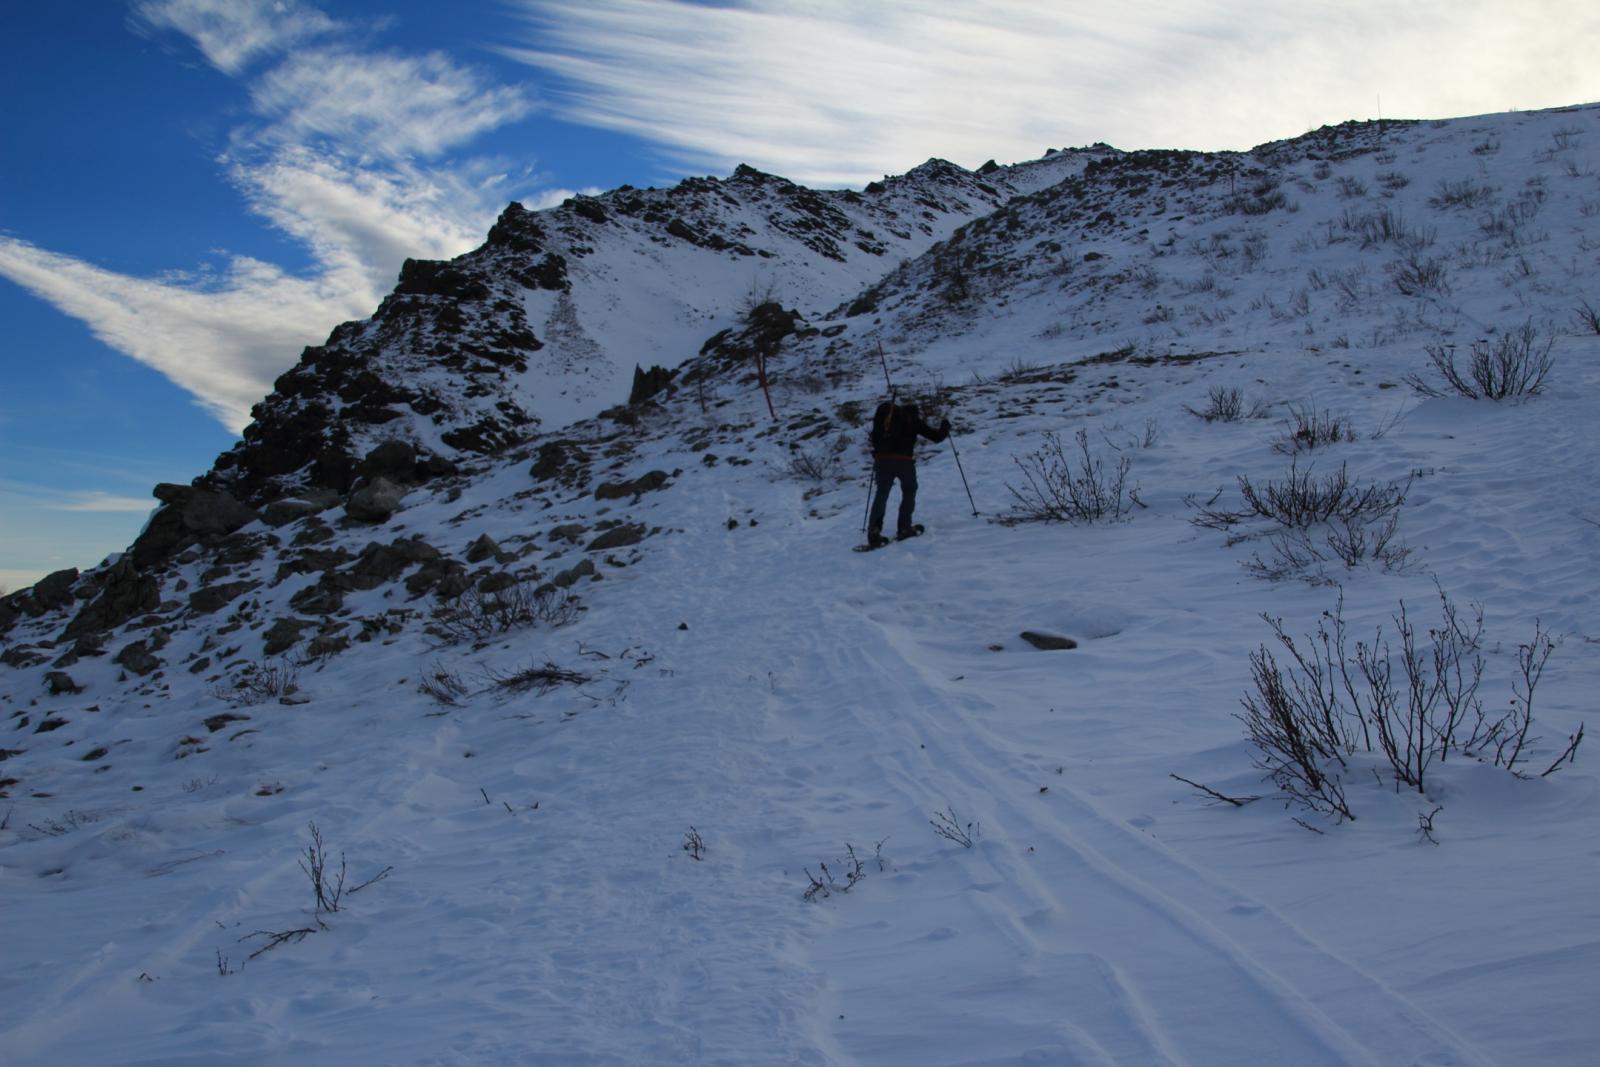 Maurizio sale un tratto ripido nel Vallone Pian Grande delle Tampe (7-12-2013)